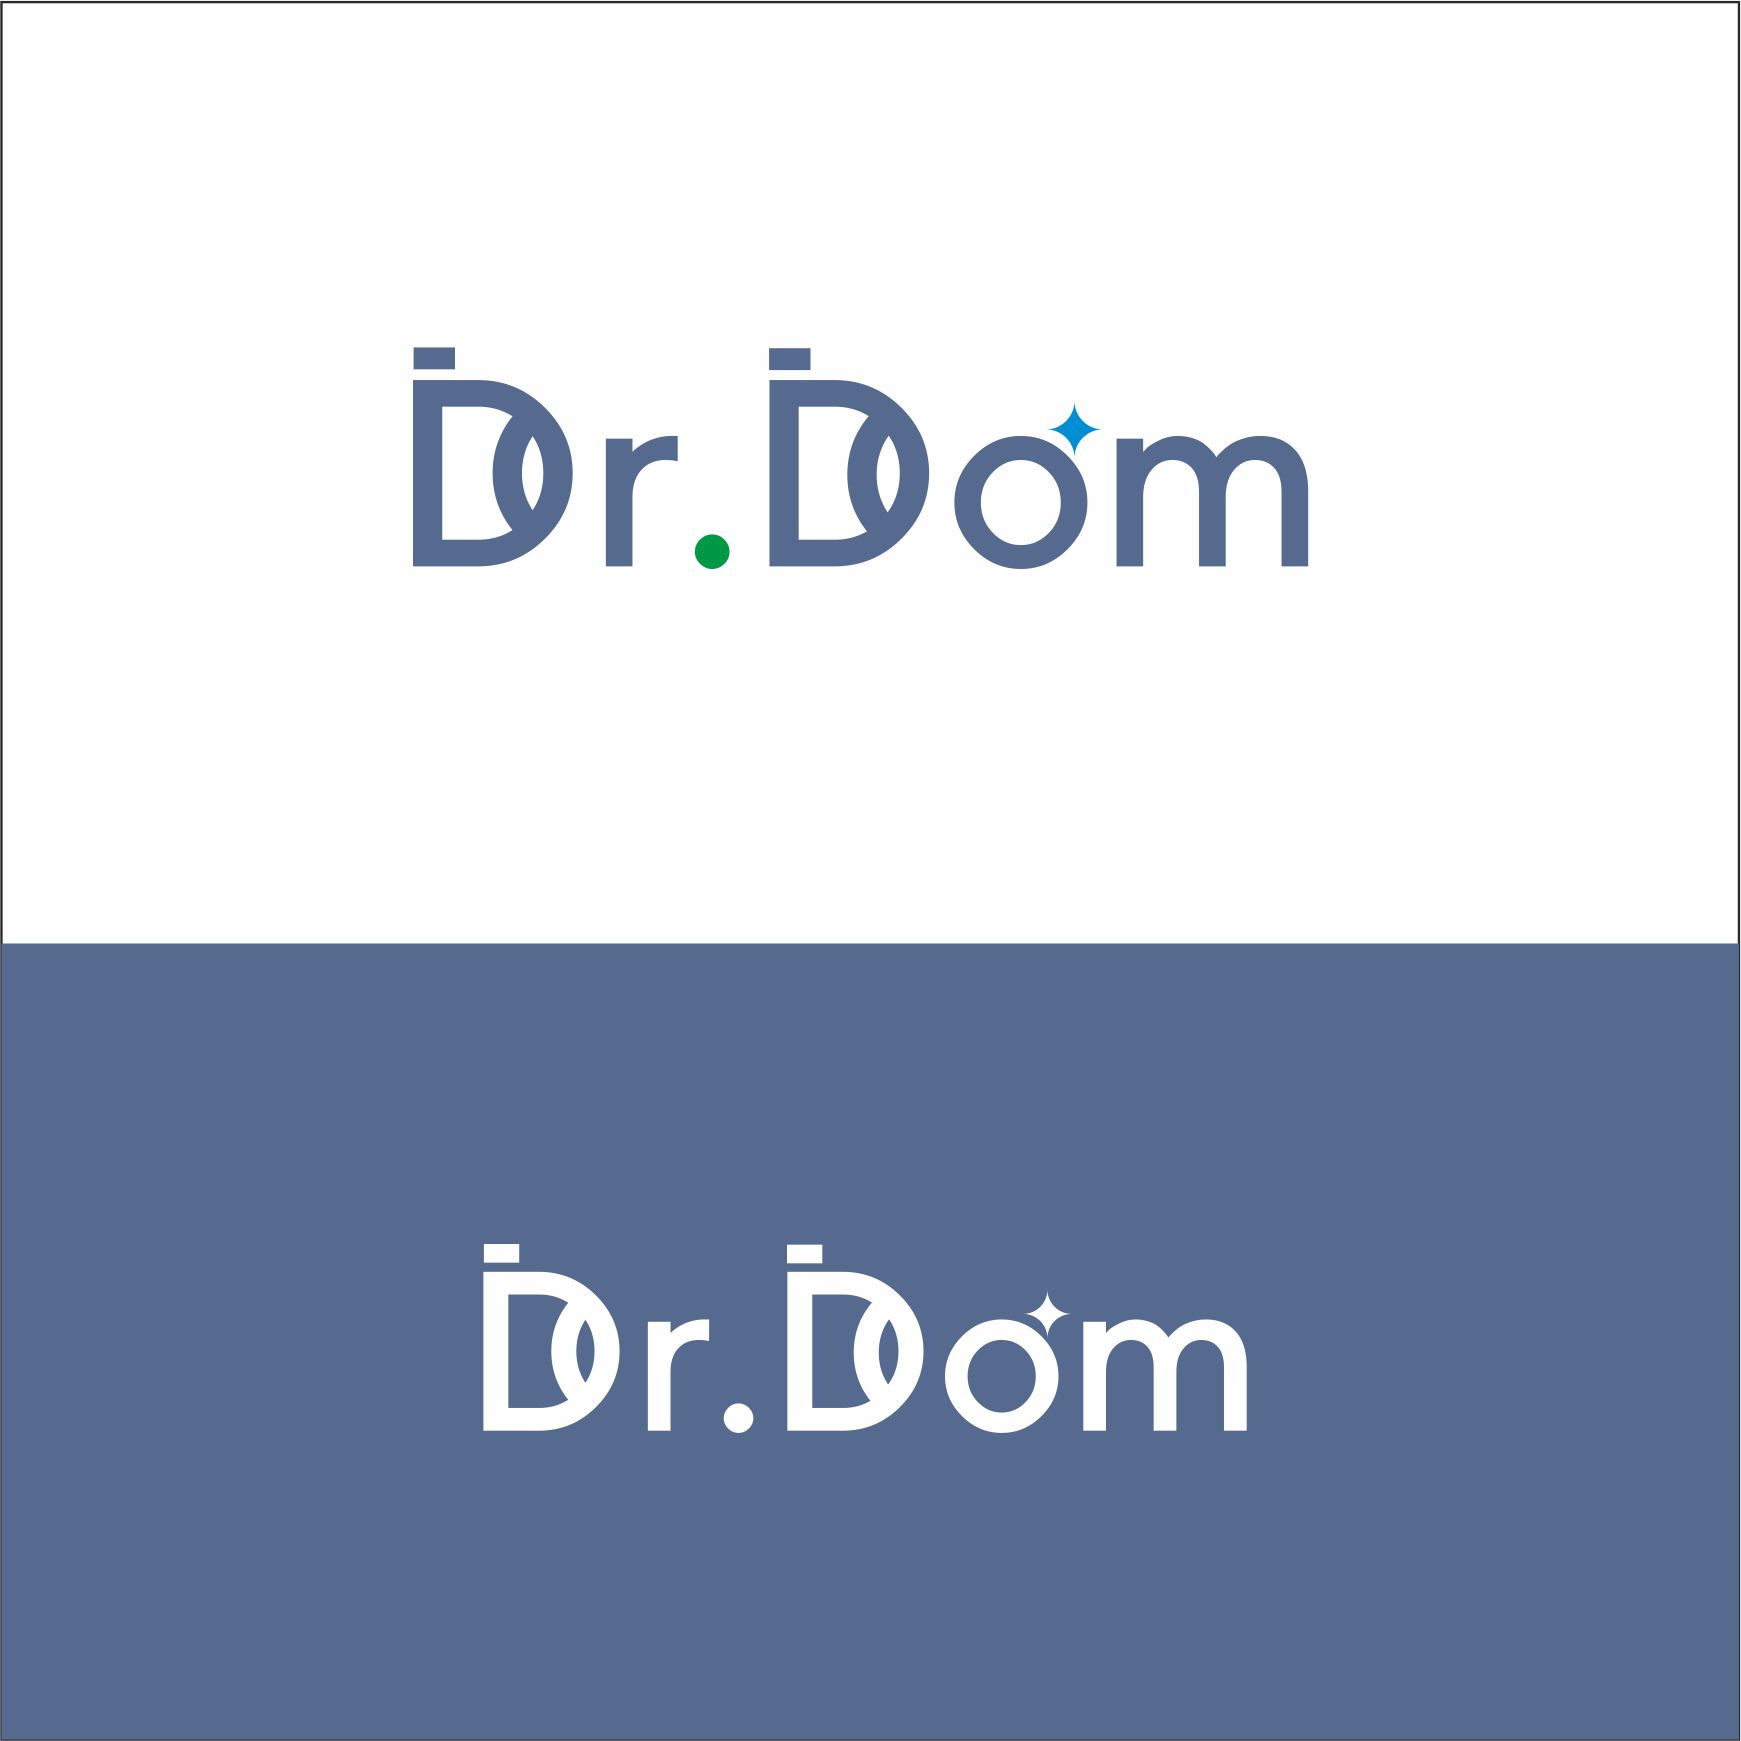 Разработать логотип для сети магазинов бытовой химии и товаров для уборки фото f_3485ffeb3b58395f.jpg